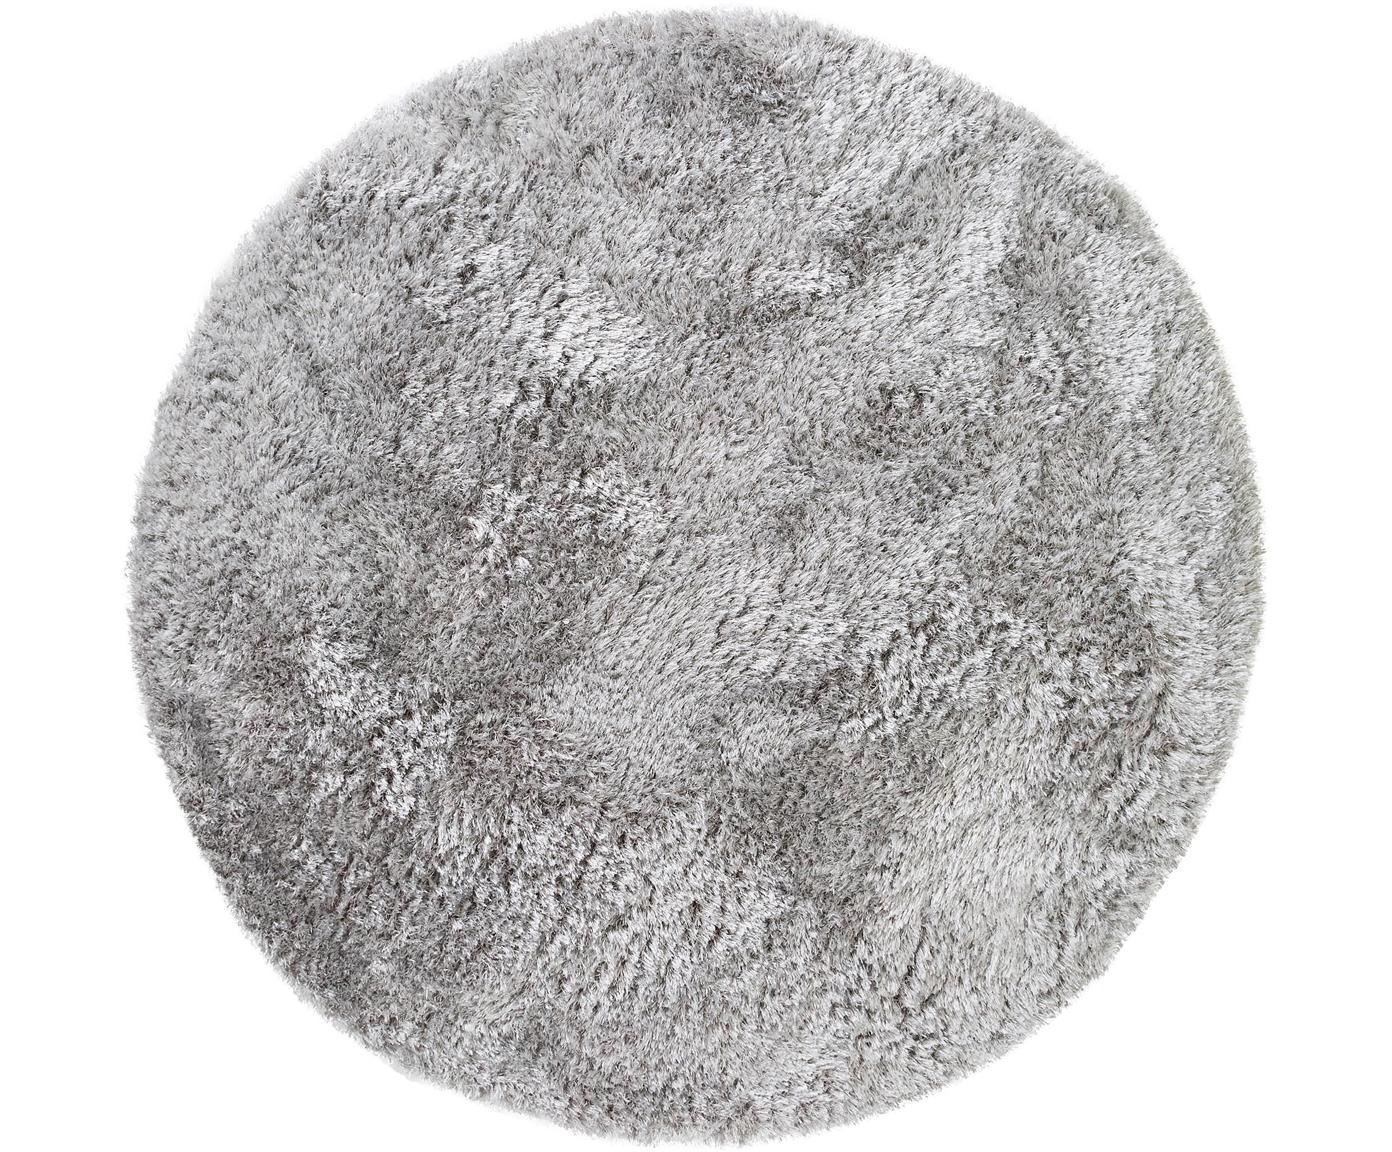 Glänzender Hochflor-Teppich Lea in Hellgrau, rund, 50% Polyester, 50% Polypropylen, Grau, Ø 120 cm (Größe S)